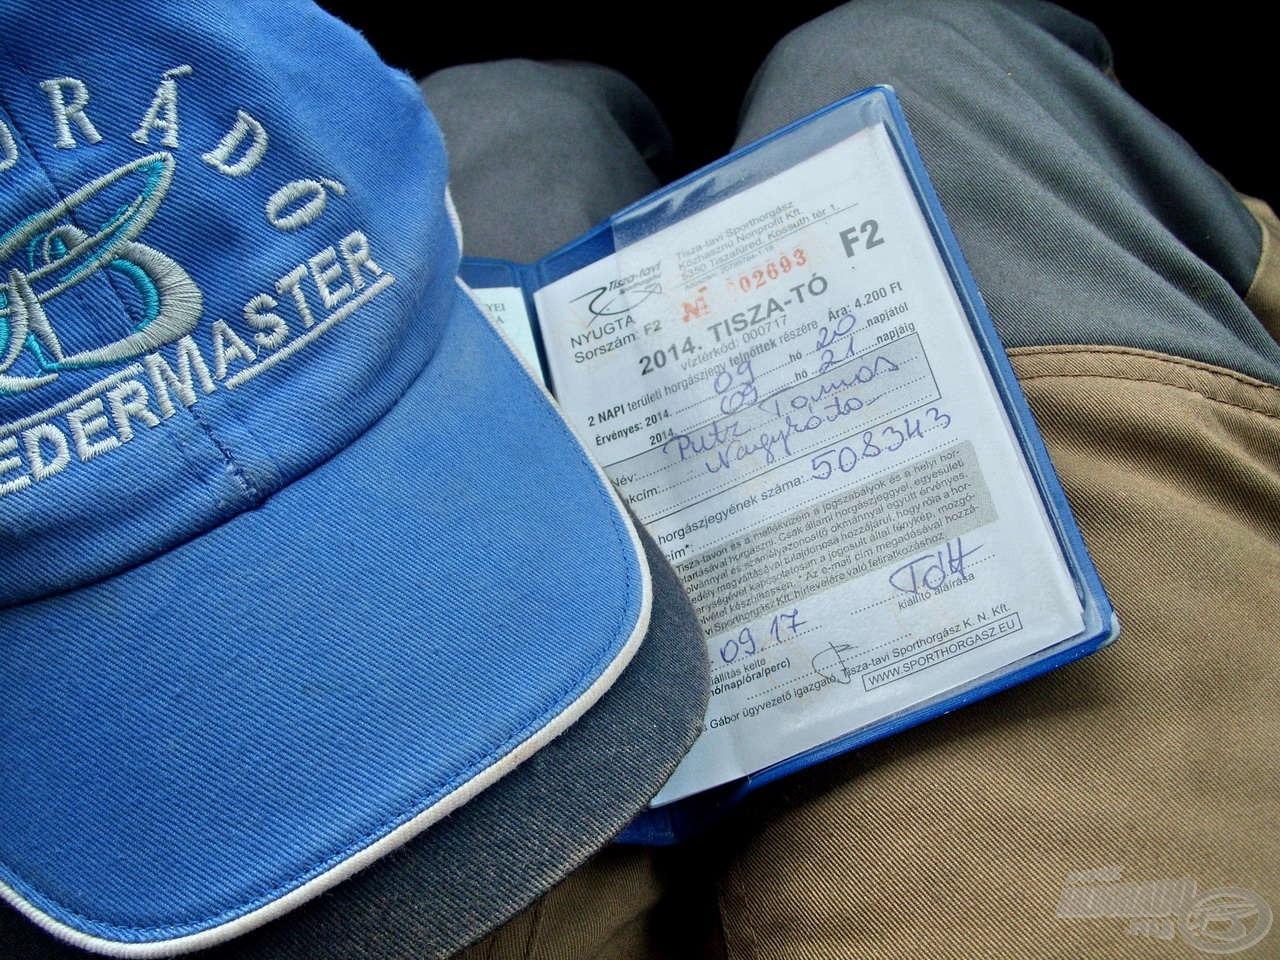 A horgászatot megelőző napokban gondos figyelmet fordítottam a horgászatra jogosító okmány beszerzésére, így már nem kellett vele a horgászat napján bajlódni